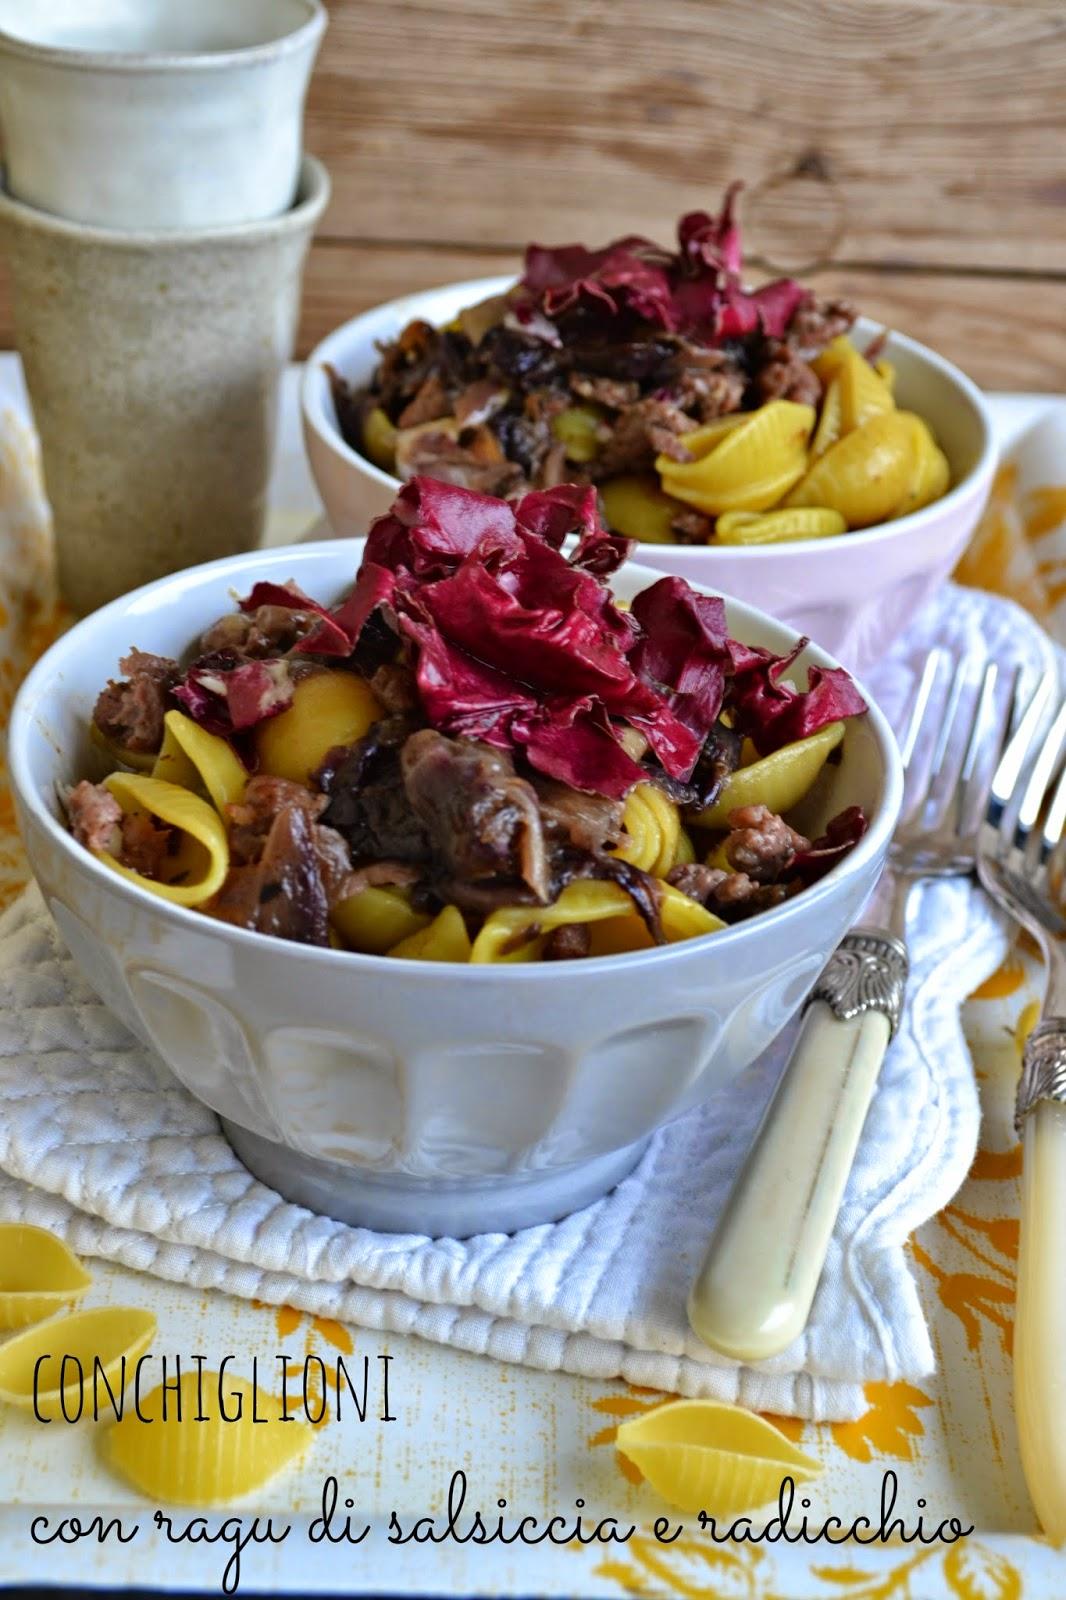 Ricetta conchiglie con ragù di salsiccia con radicchio